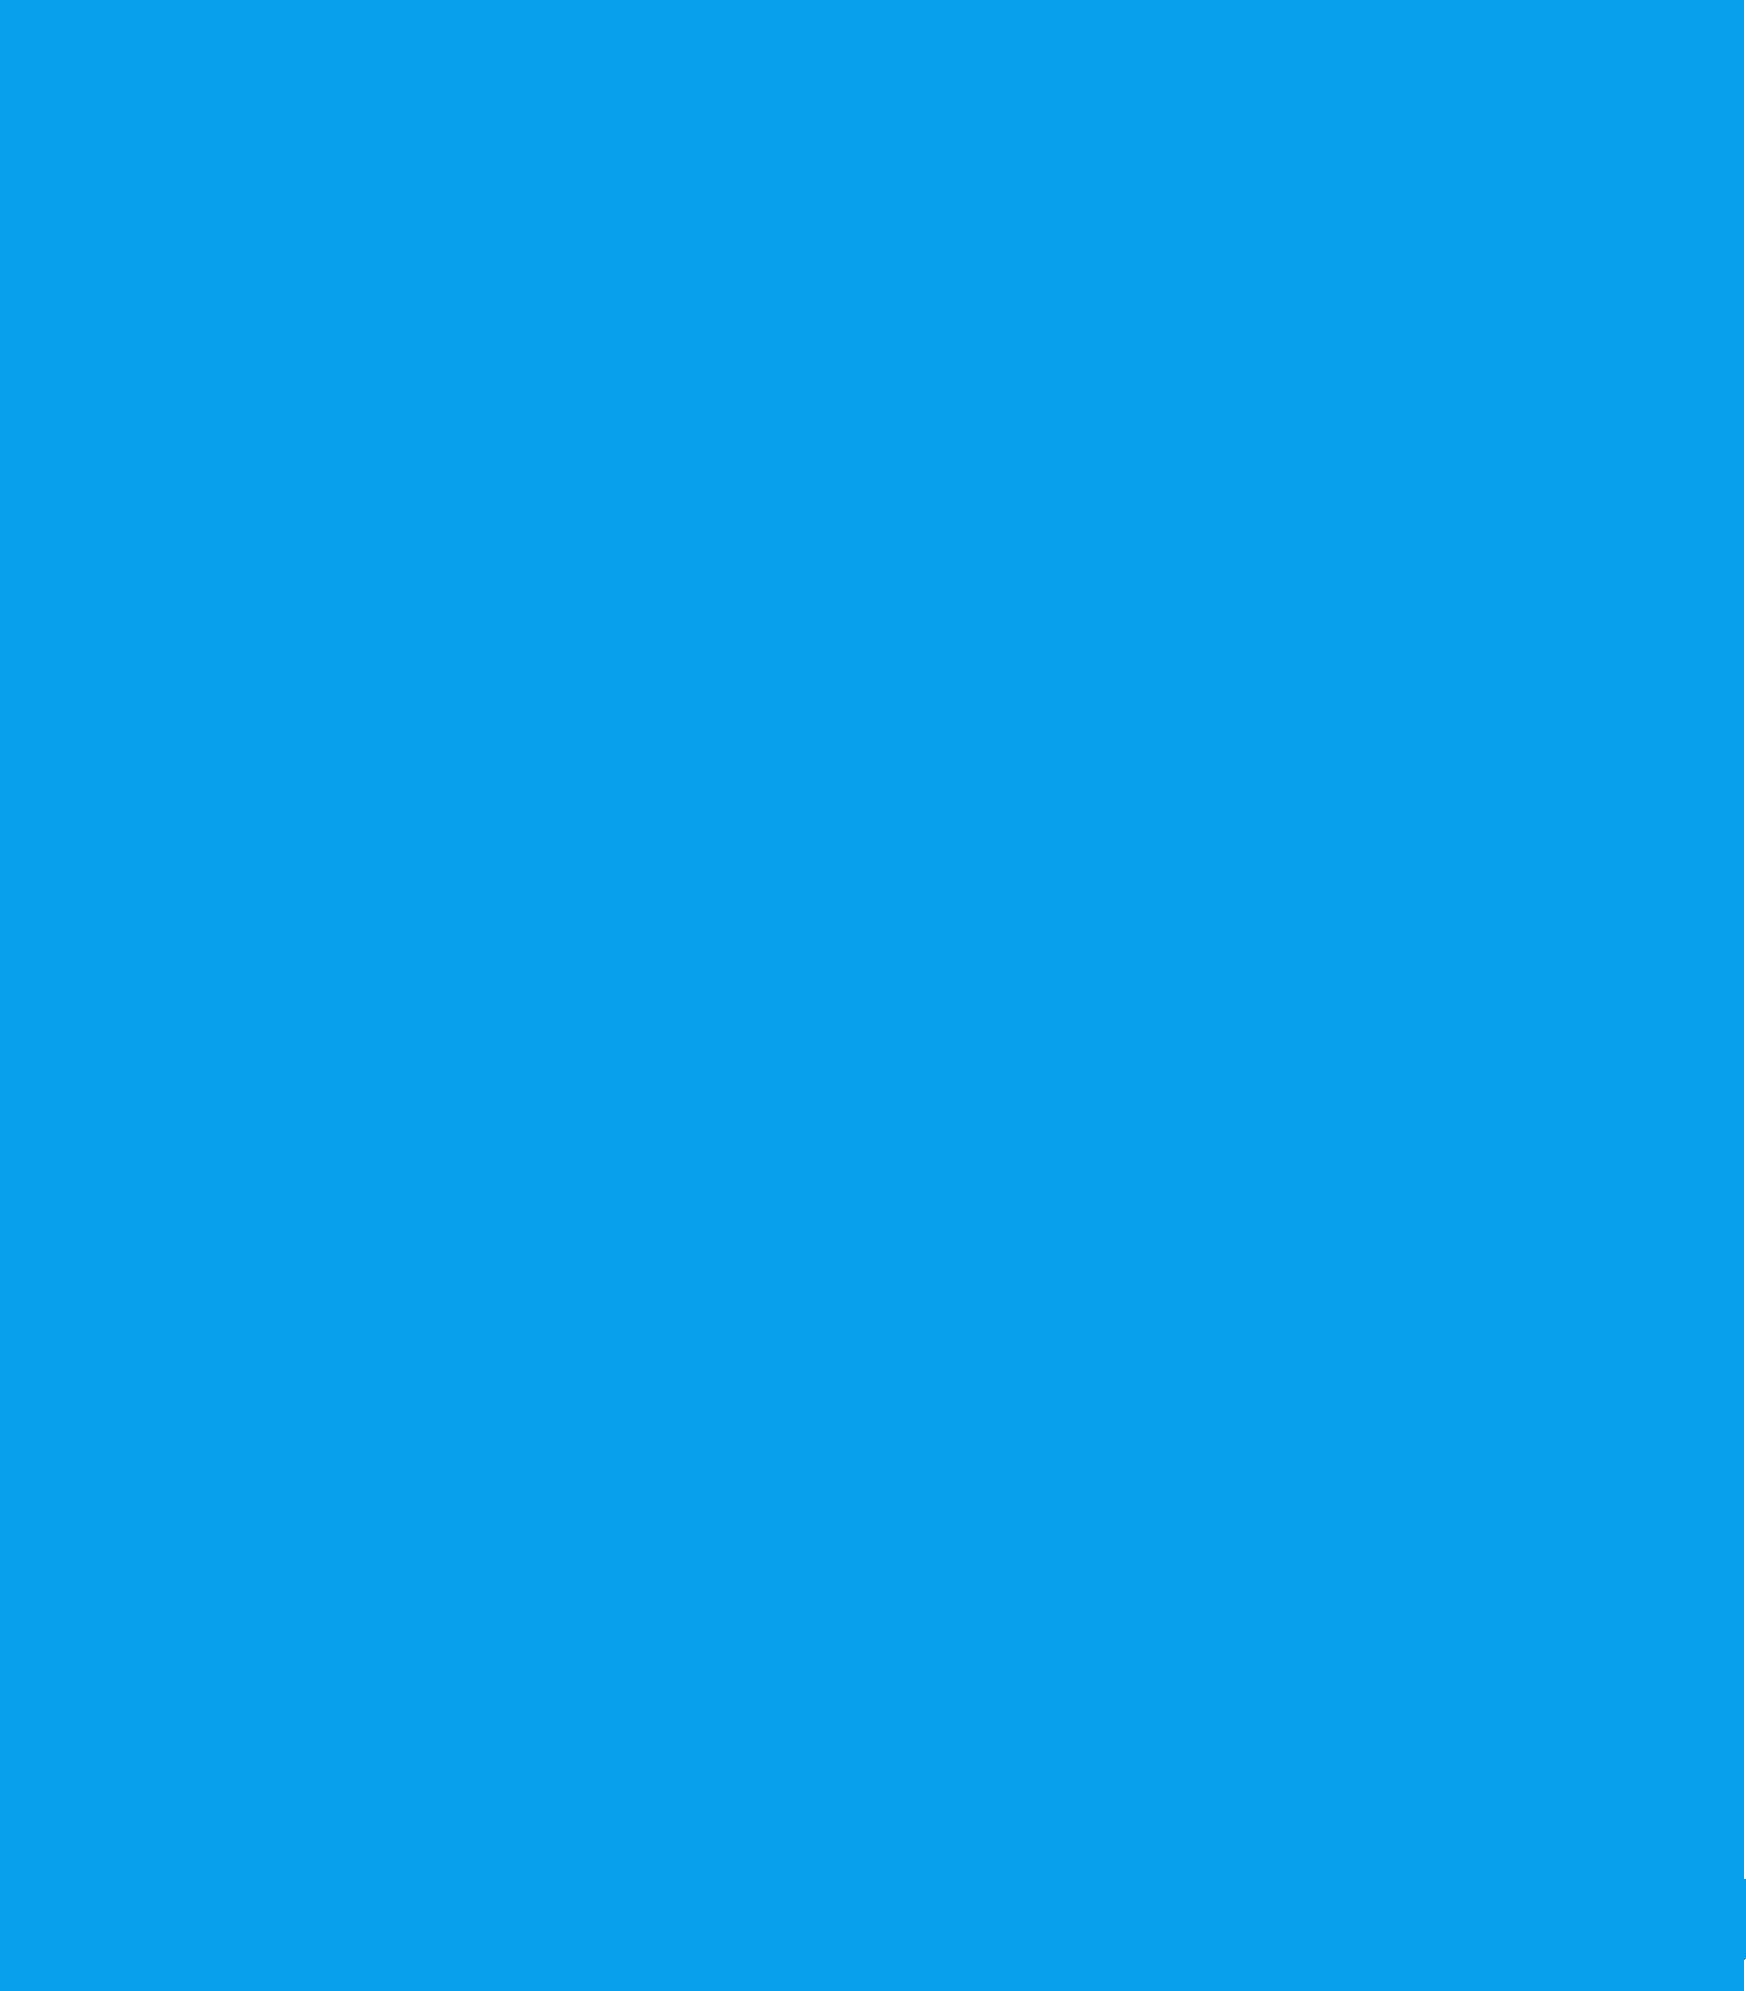 PLÁSTICO CO., LTD DE XIANTAO LINGYANG